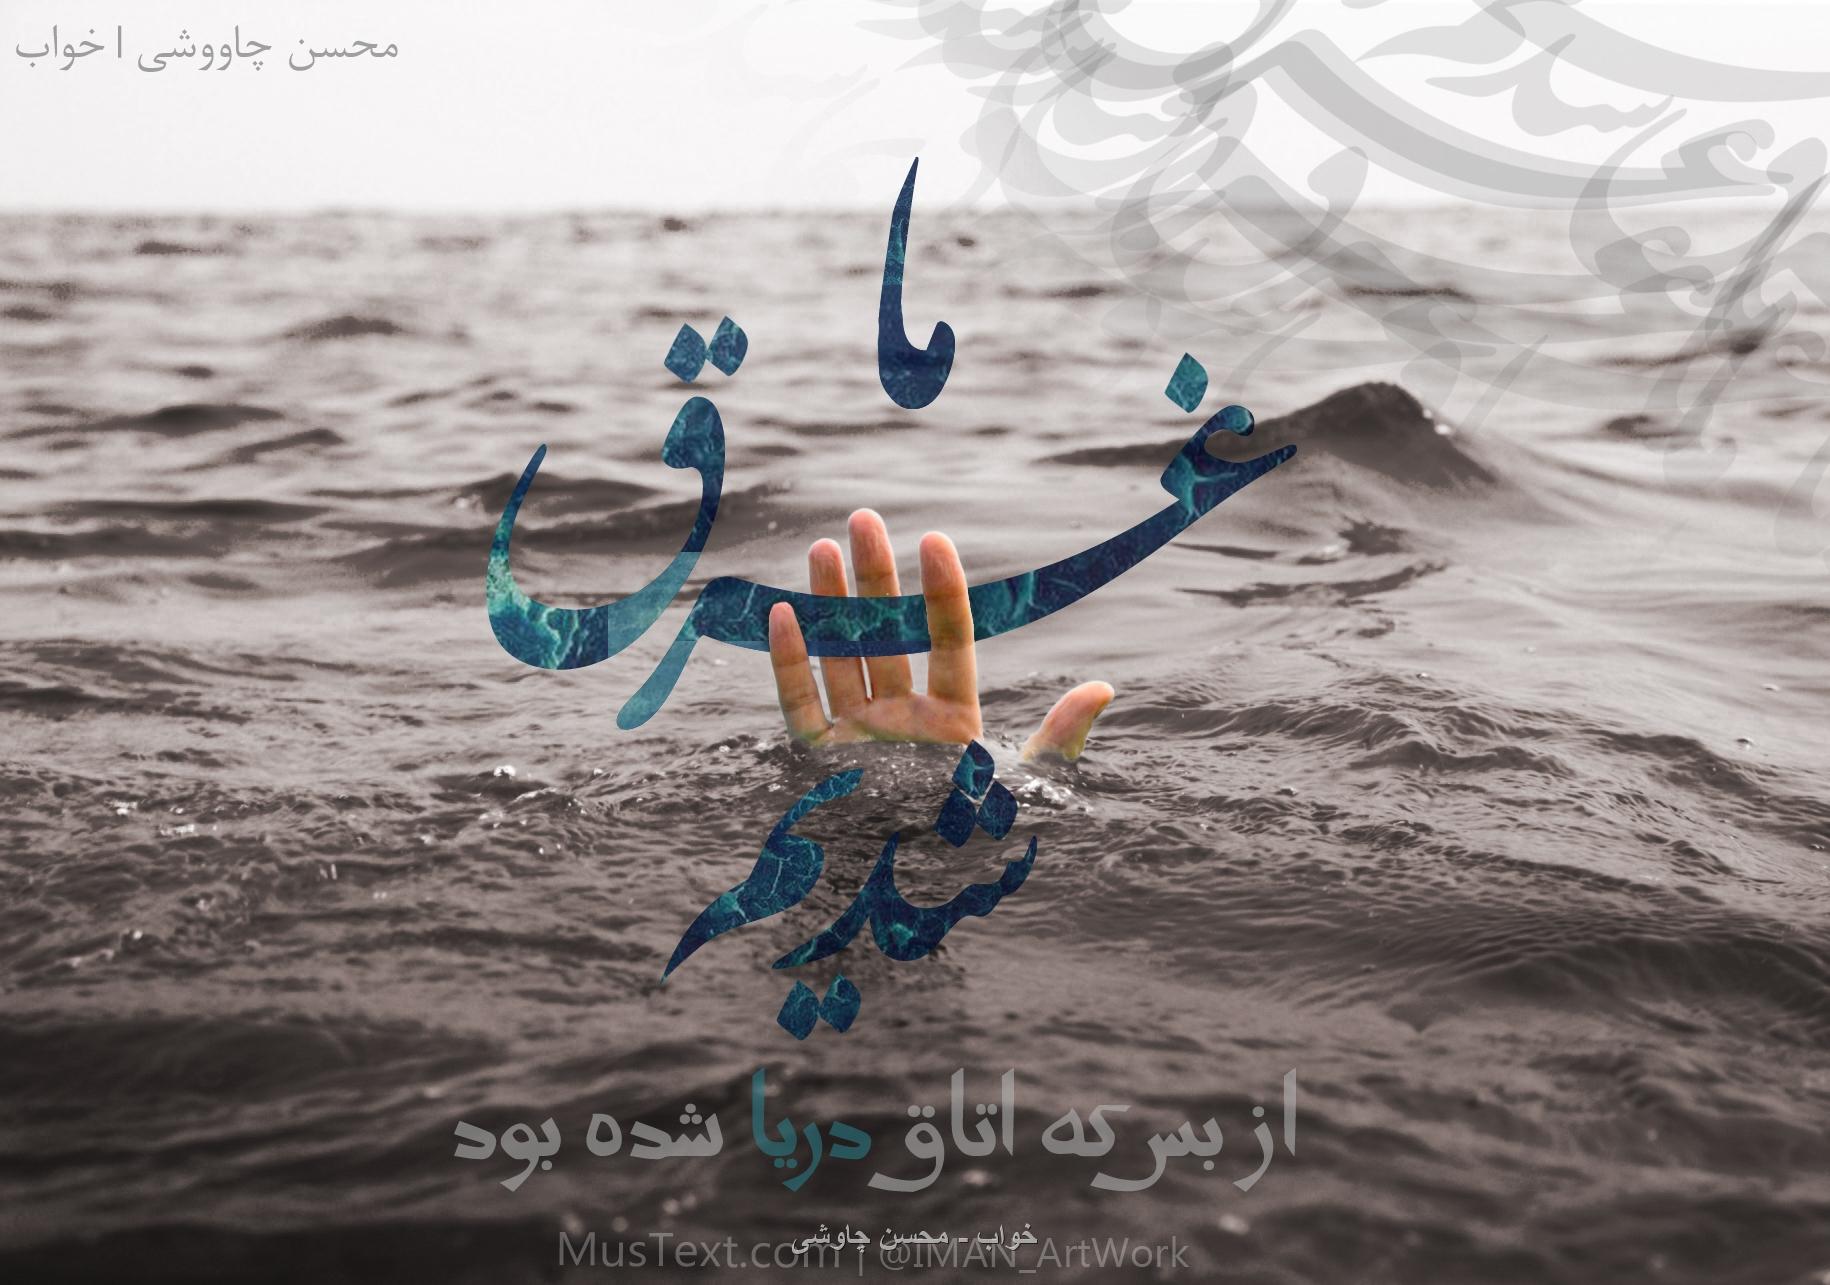 تفسیر شعر و دانلود آهنگ خواب محسن چاوشی